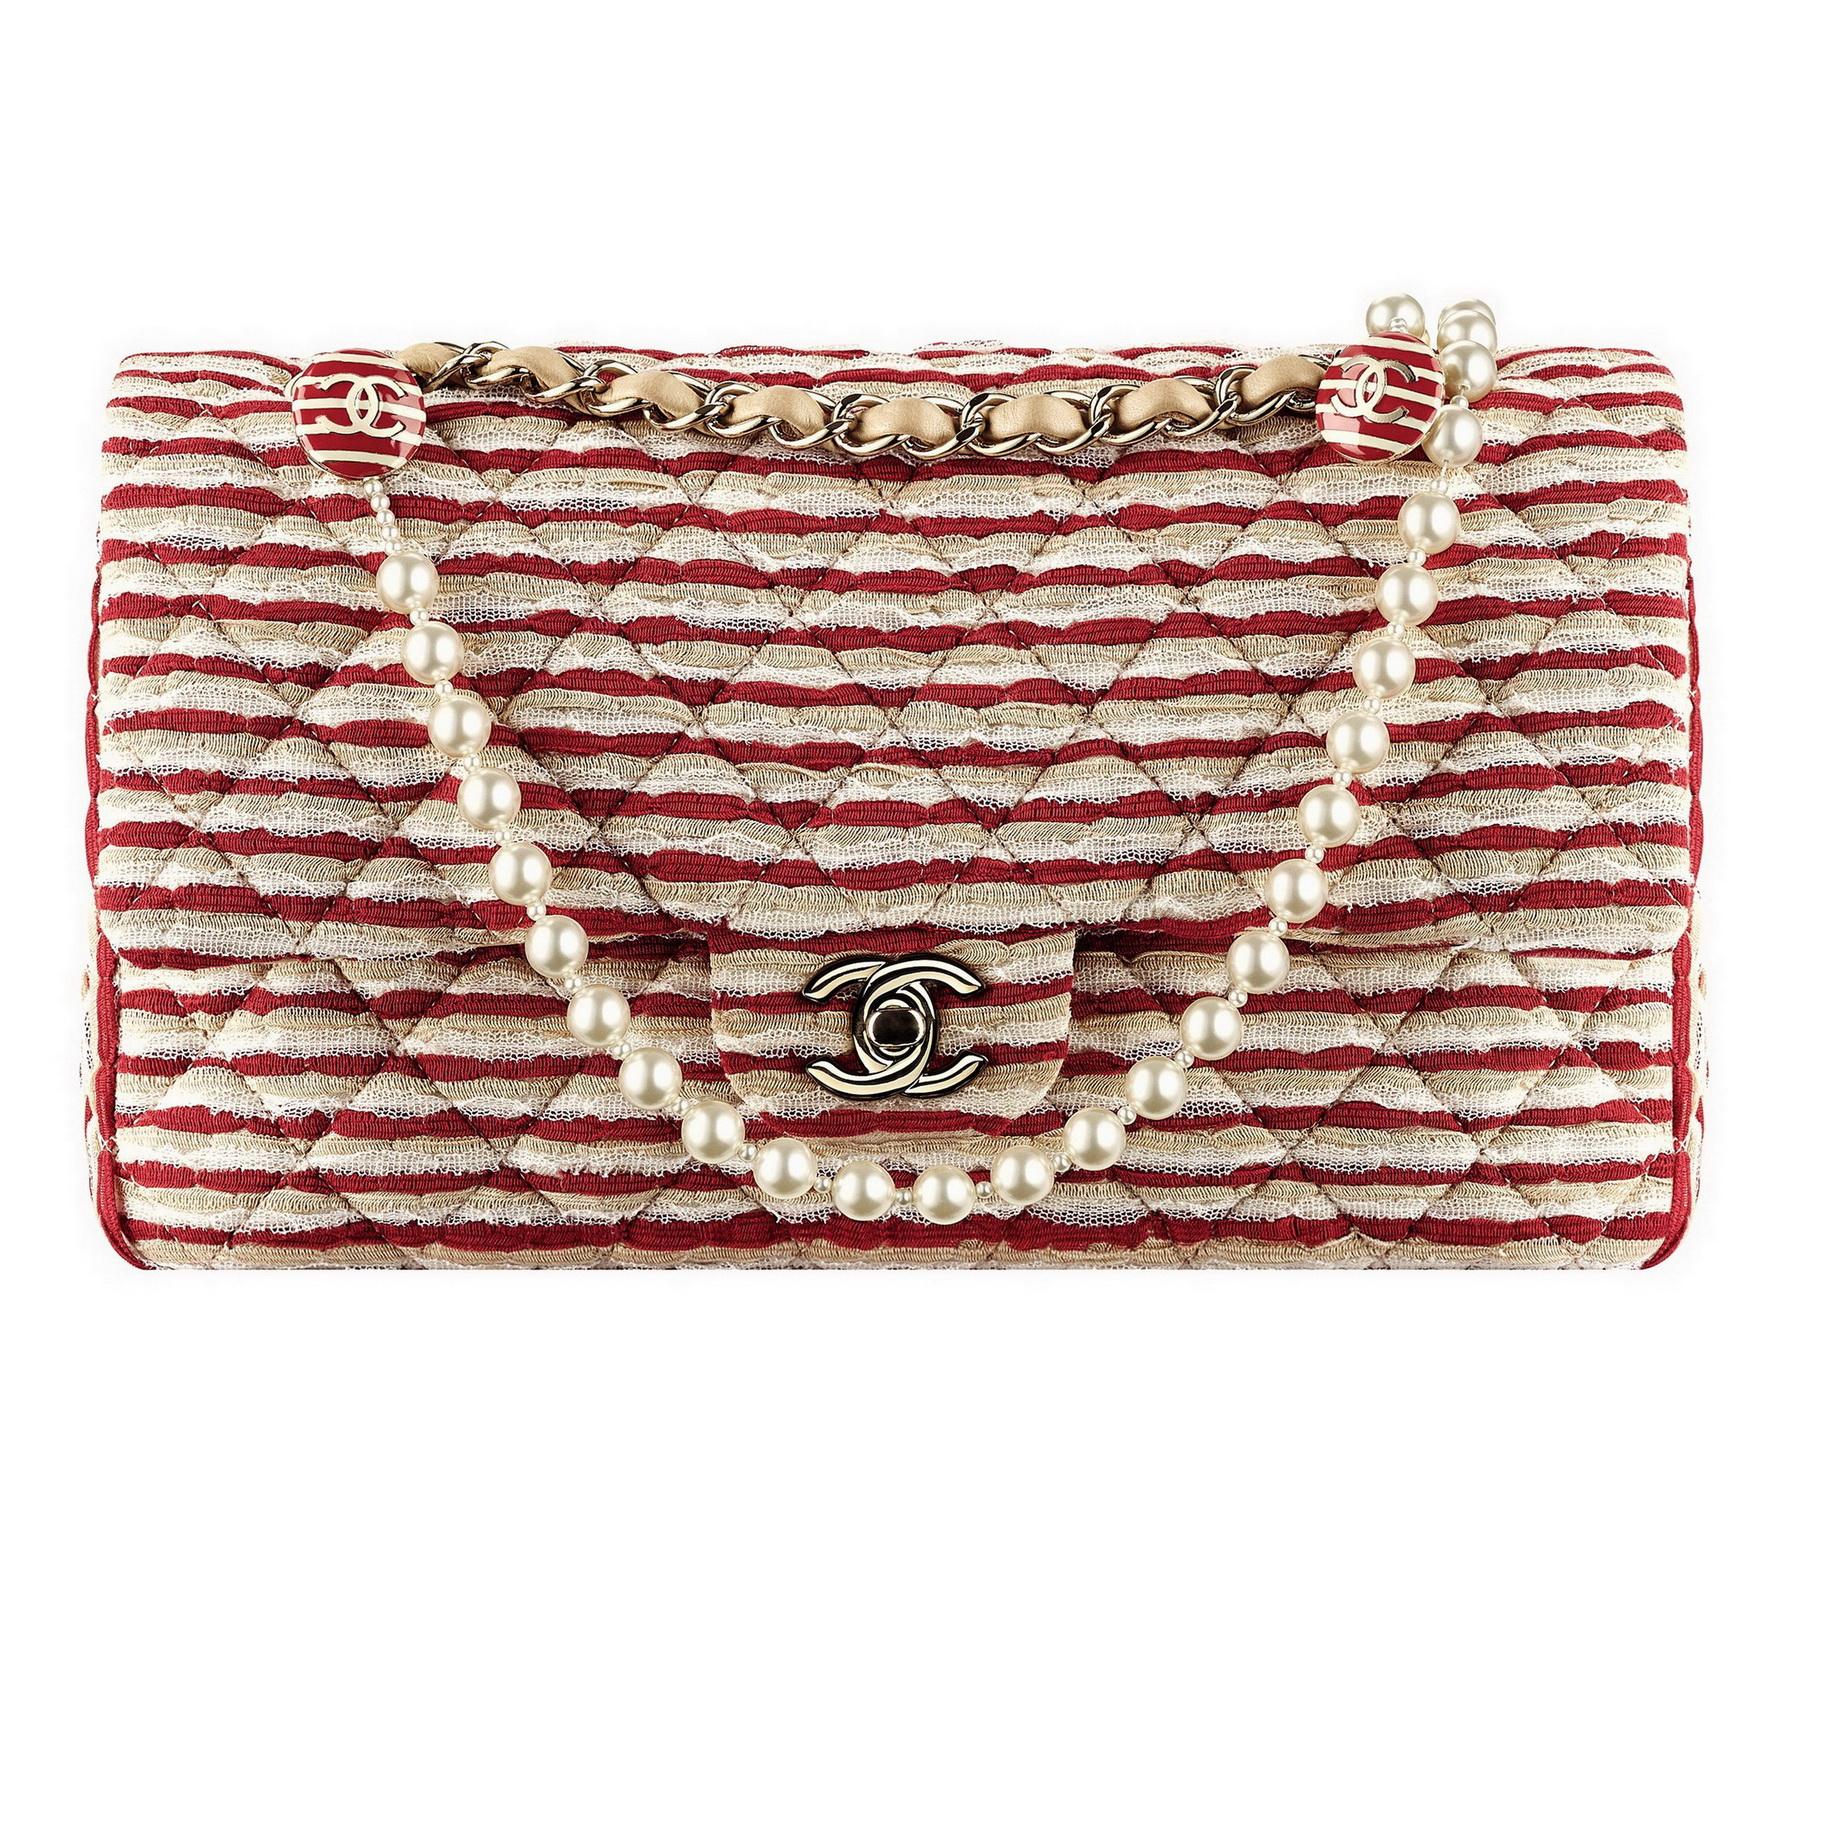 紅白米三色蕾絲布條紋飾珍珠鍊帶肩揹包 售價NT$149,200